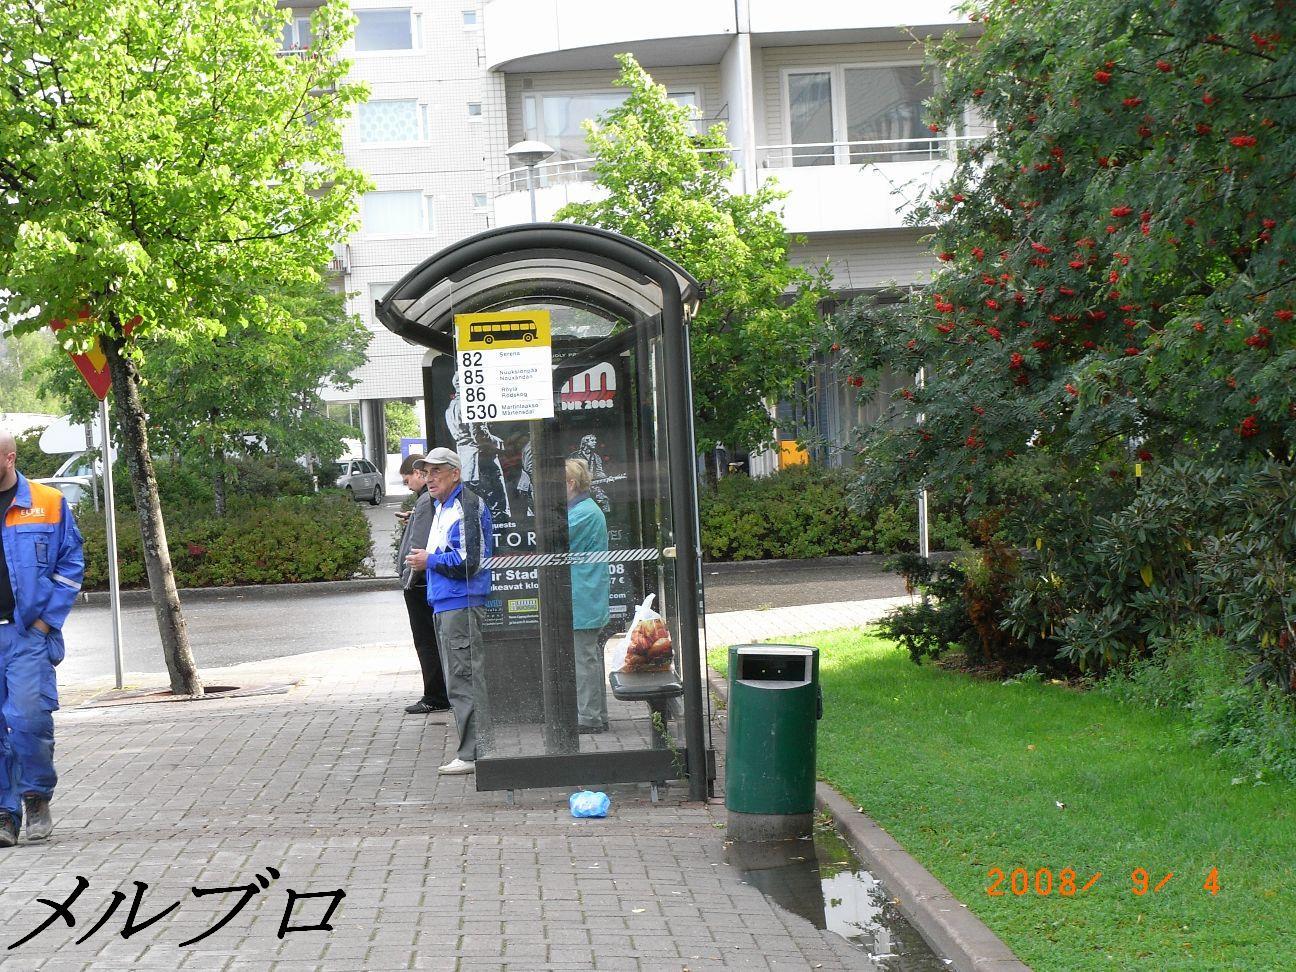 エスポー駅の停留所1